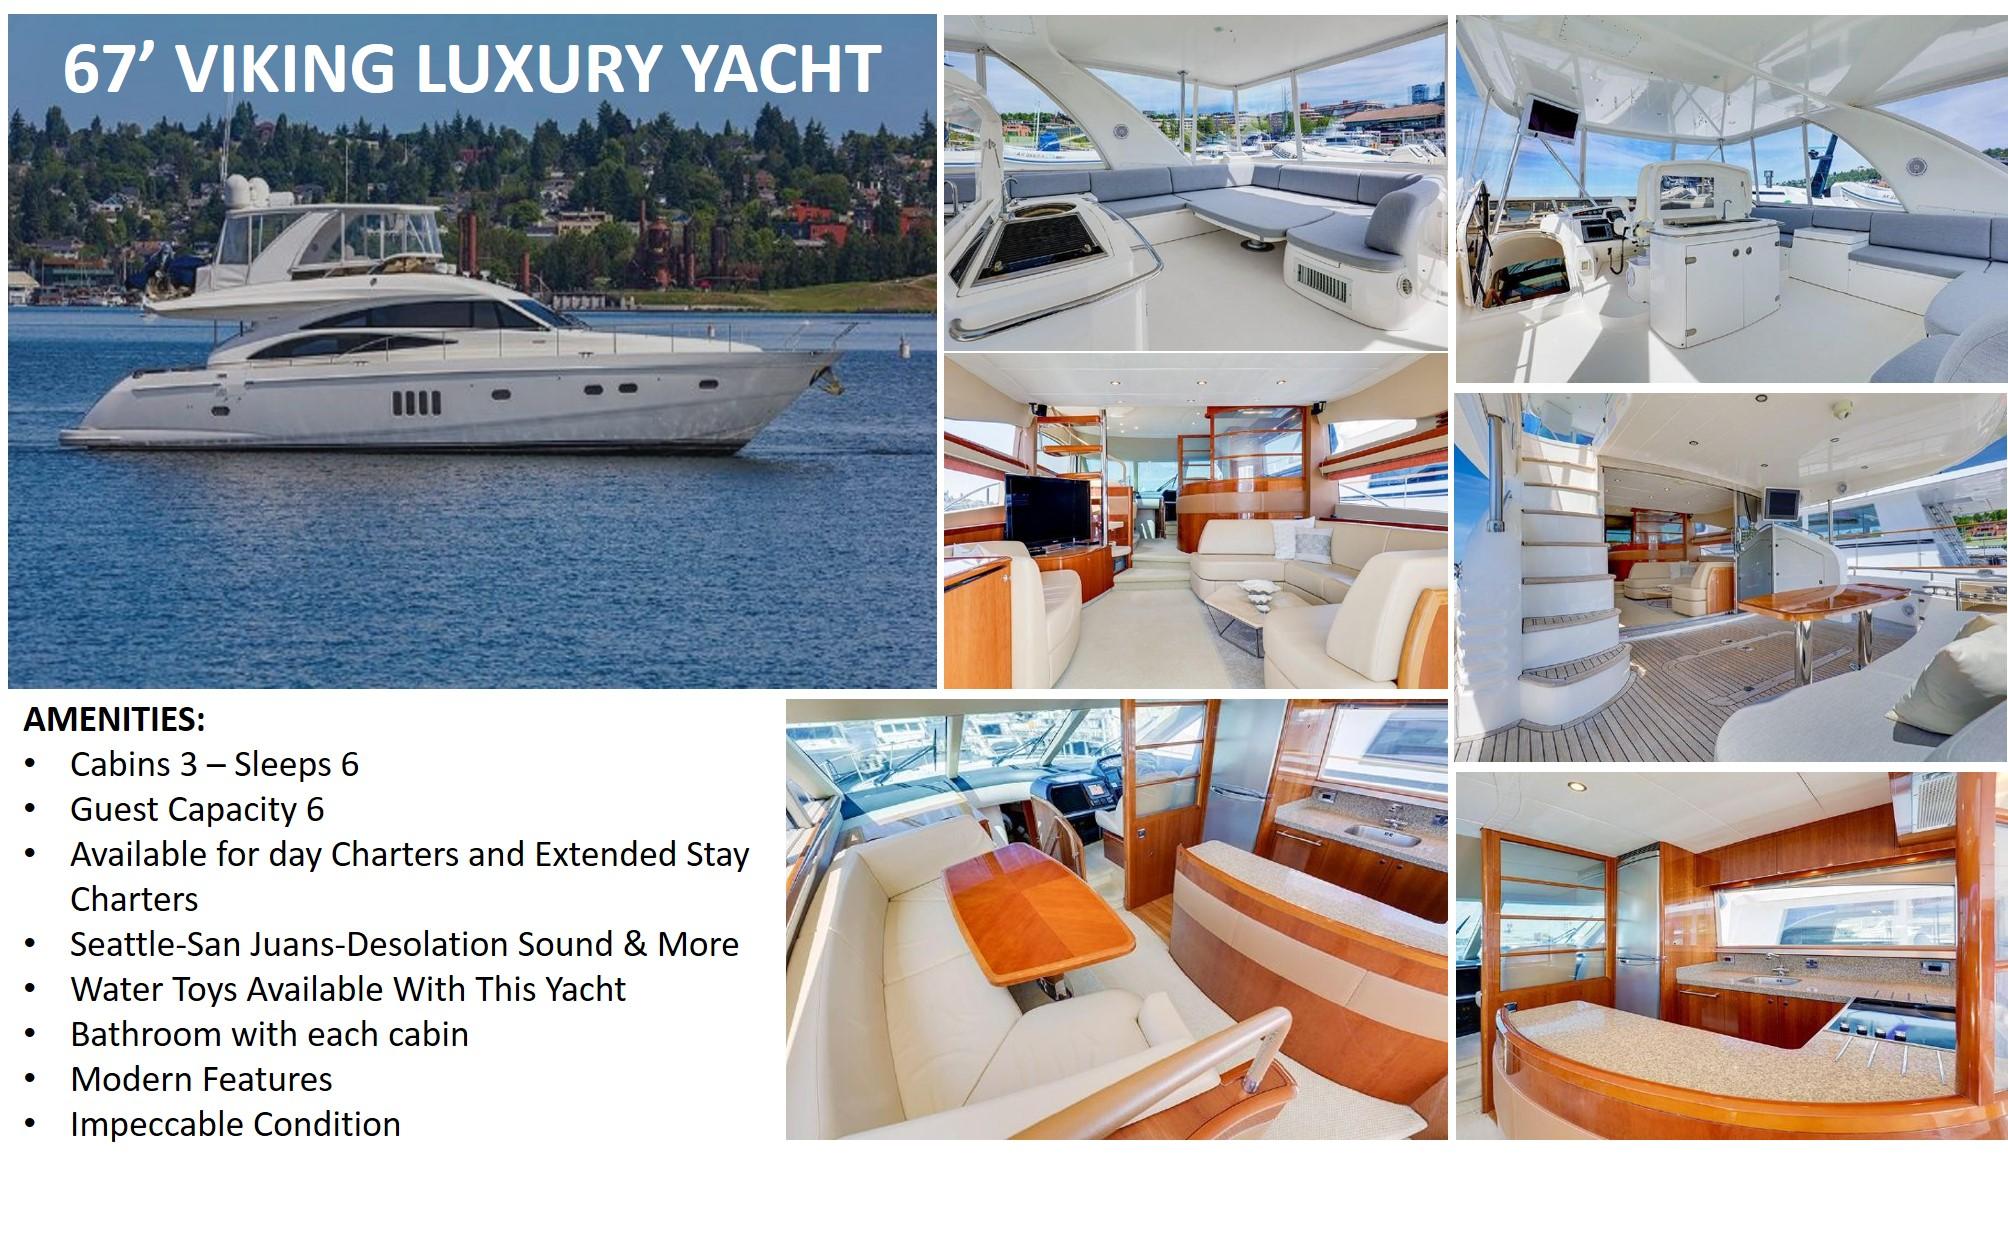 67-Viking-Luxury-Yacht